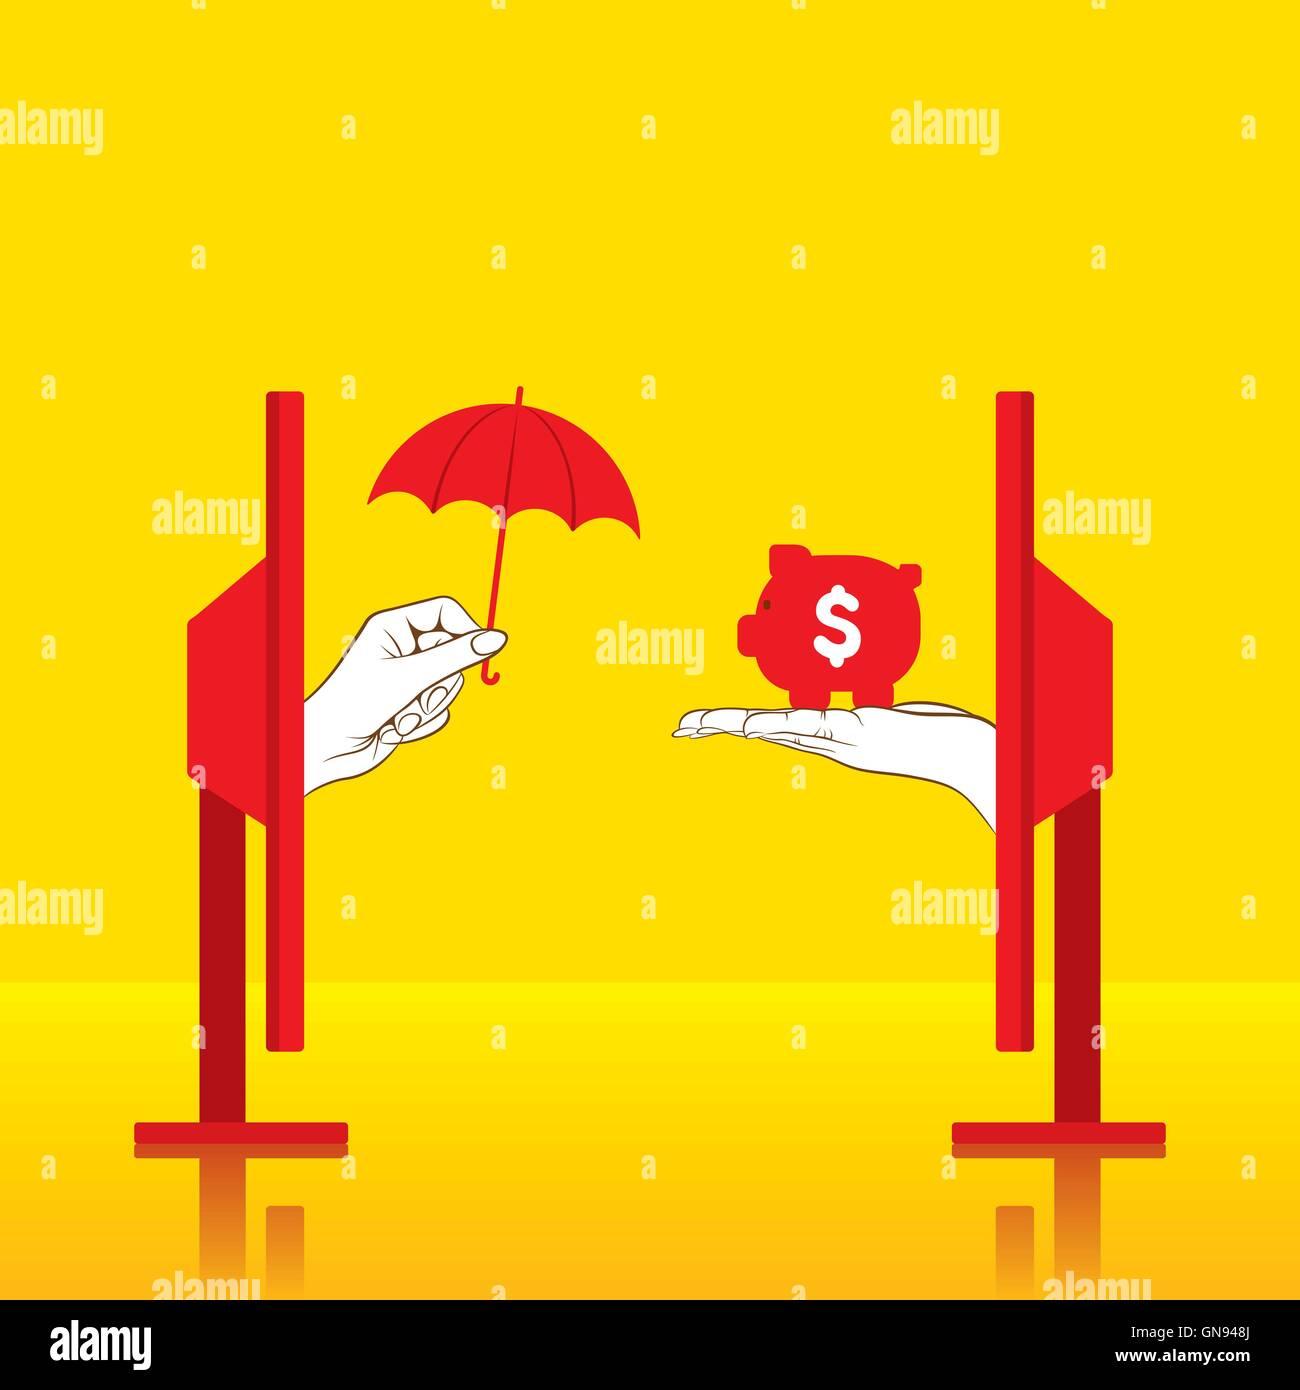 kreative konzeptionelle sichern Geld oder Geld Konzeption zu versichern Stockbild